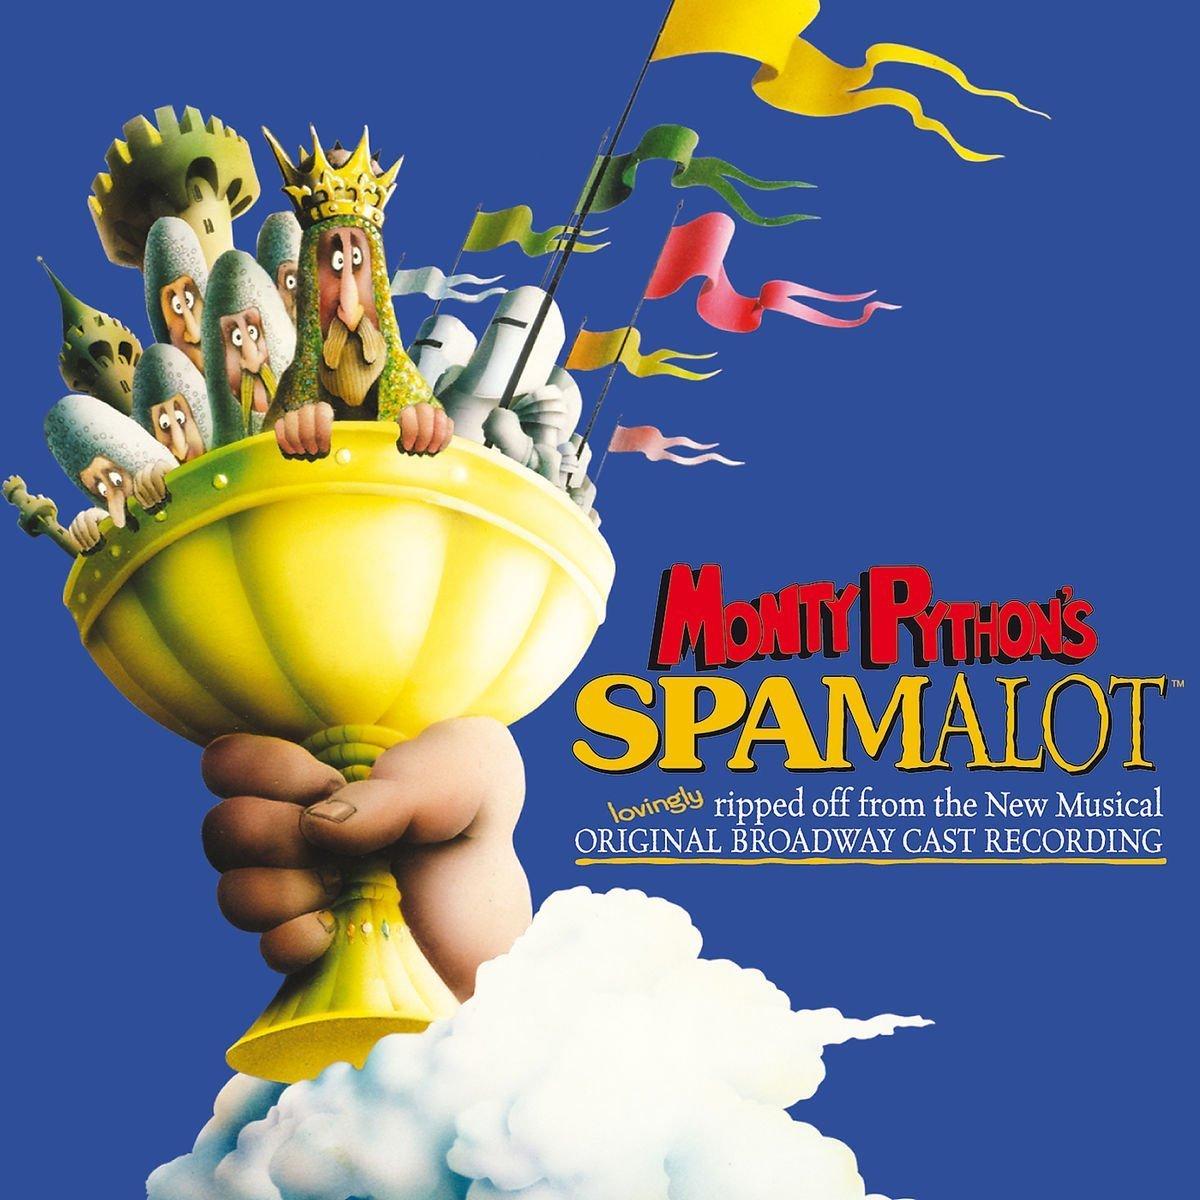 Montypythonovský muzikál Spamalot míří na plátna, připomeňte si nejlepší skeče